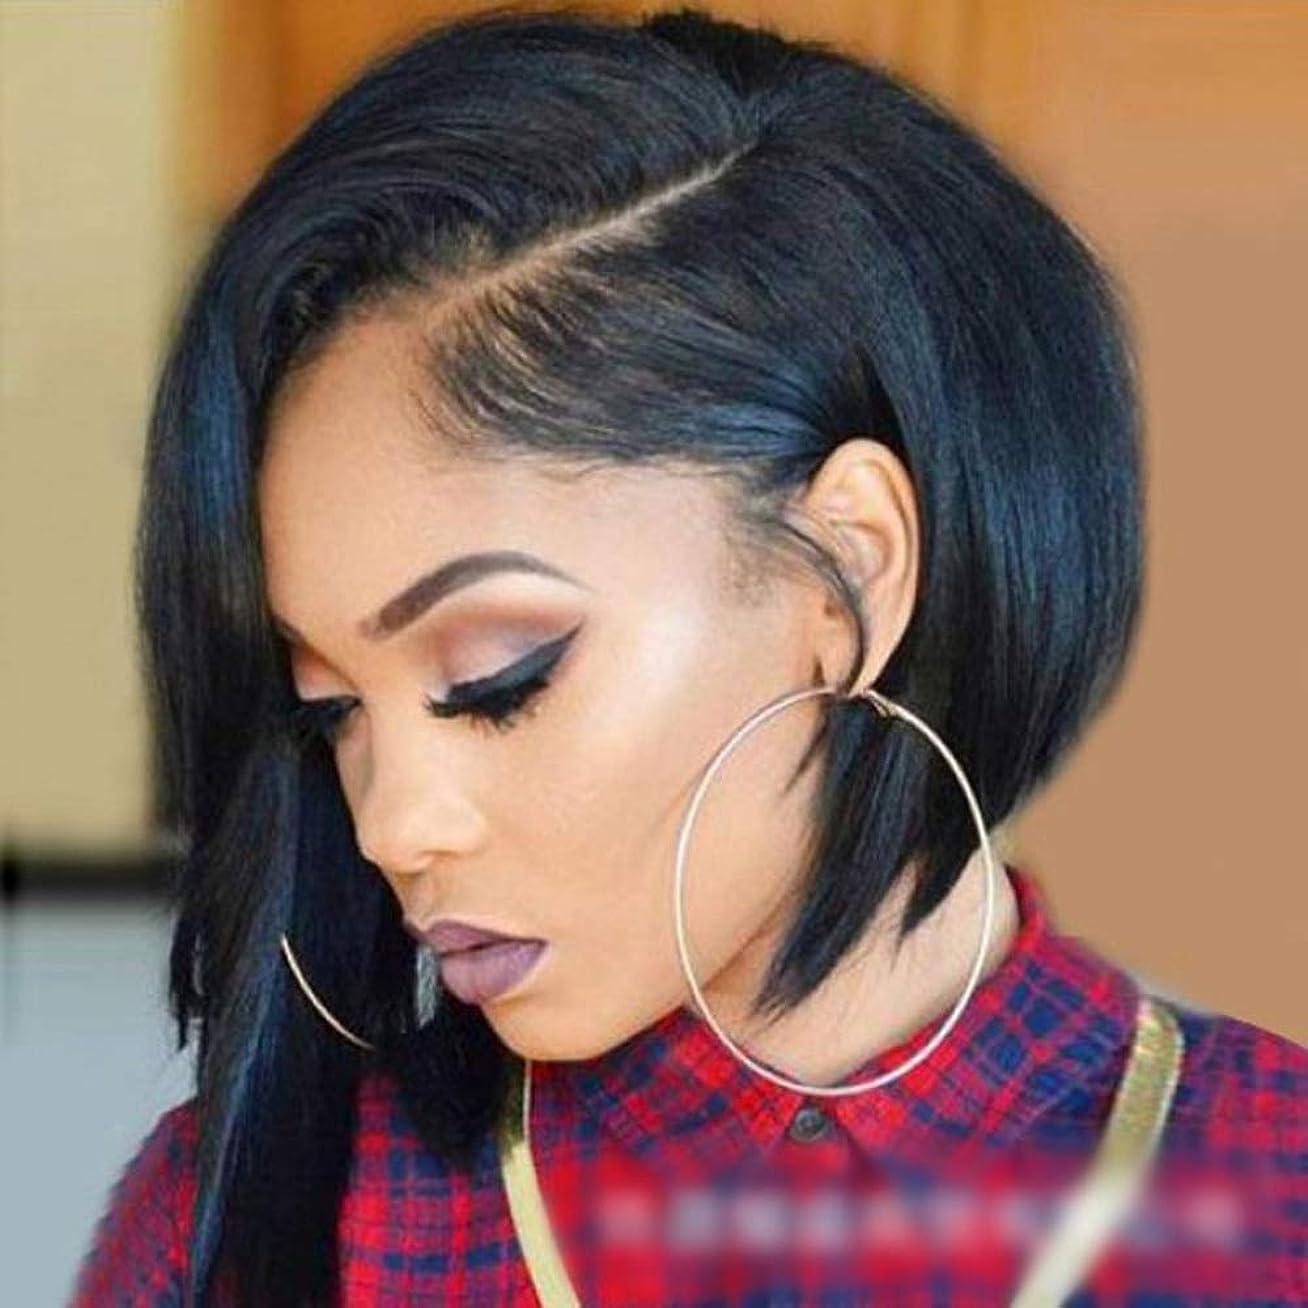 薬局声を出してメトロポリタンYrattary 女性のシルキーストレートショートヘアサイドパーツかつら自然に見えるレースフロントかつら100%本物の人間の毛髪の半分レースかつらパーティーかつら (Color : ブラック)